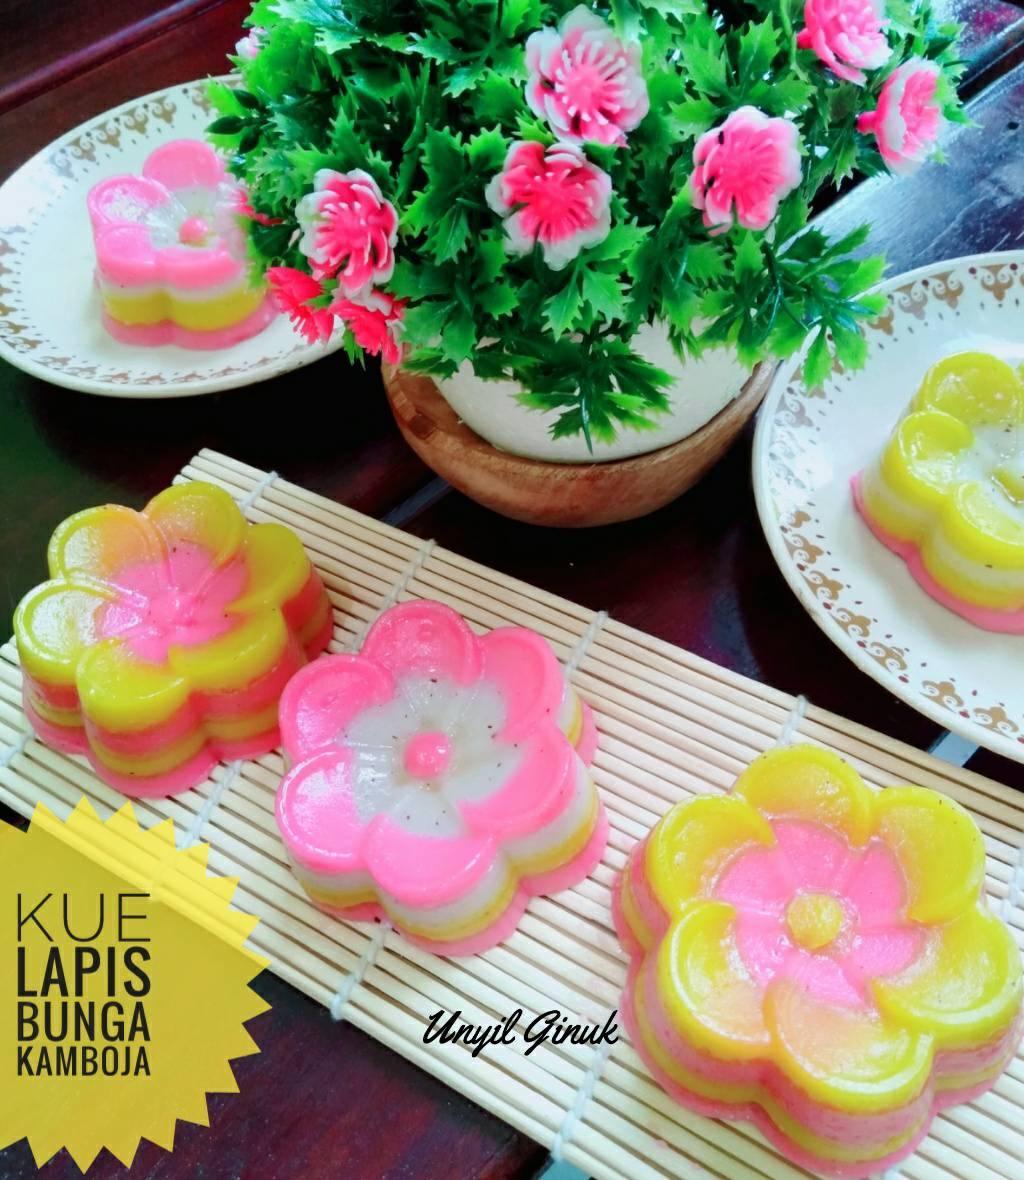 Kue Lapis Bunga Kamboja by Annansya Aina